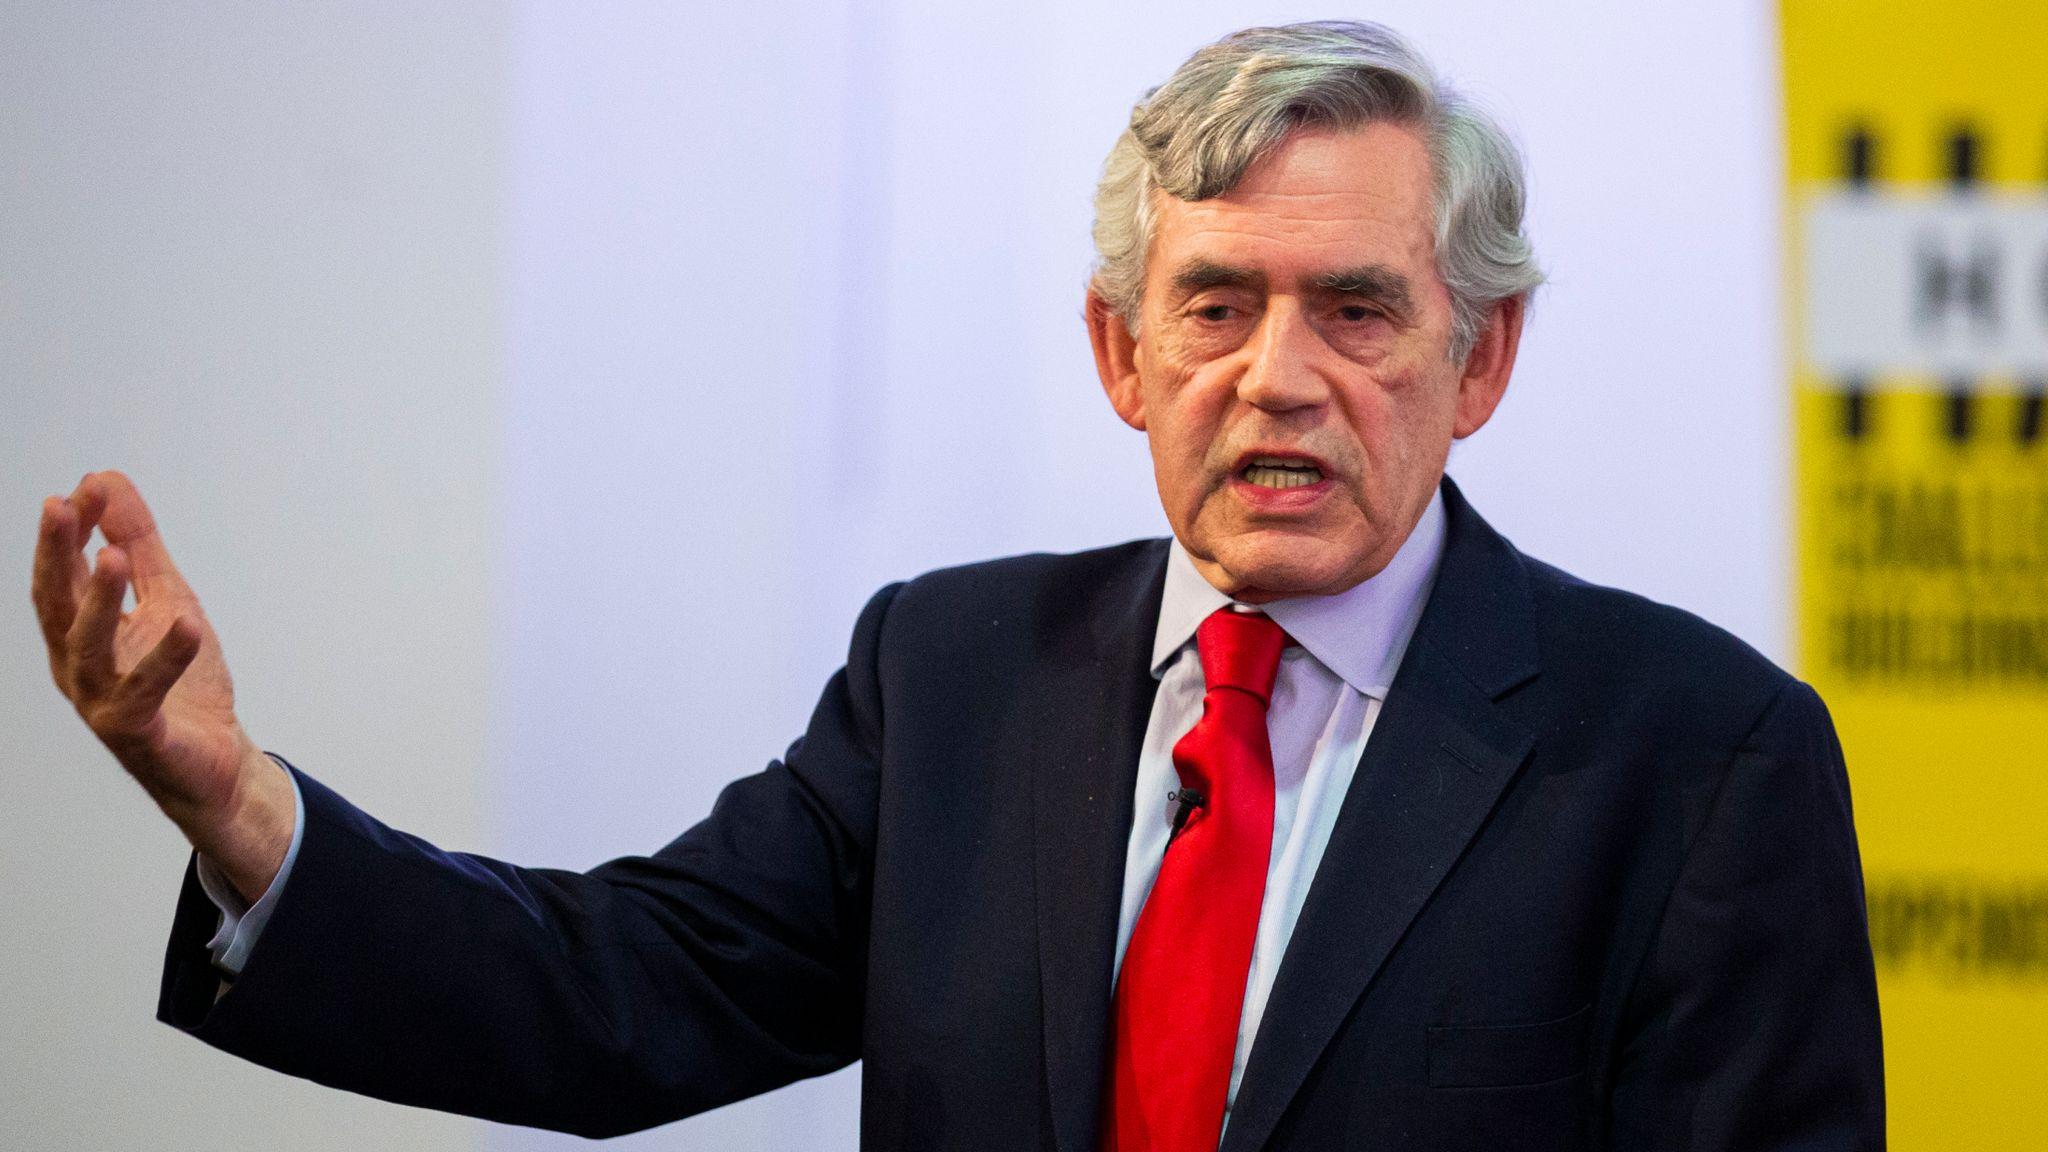 Gordon Brown calls for 'constitutional revolution' to prevent break-up of UK